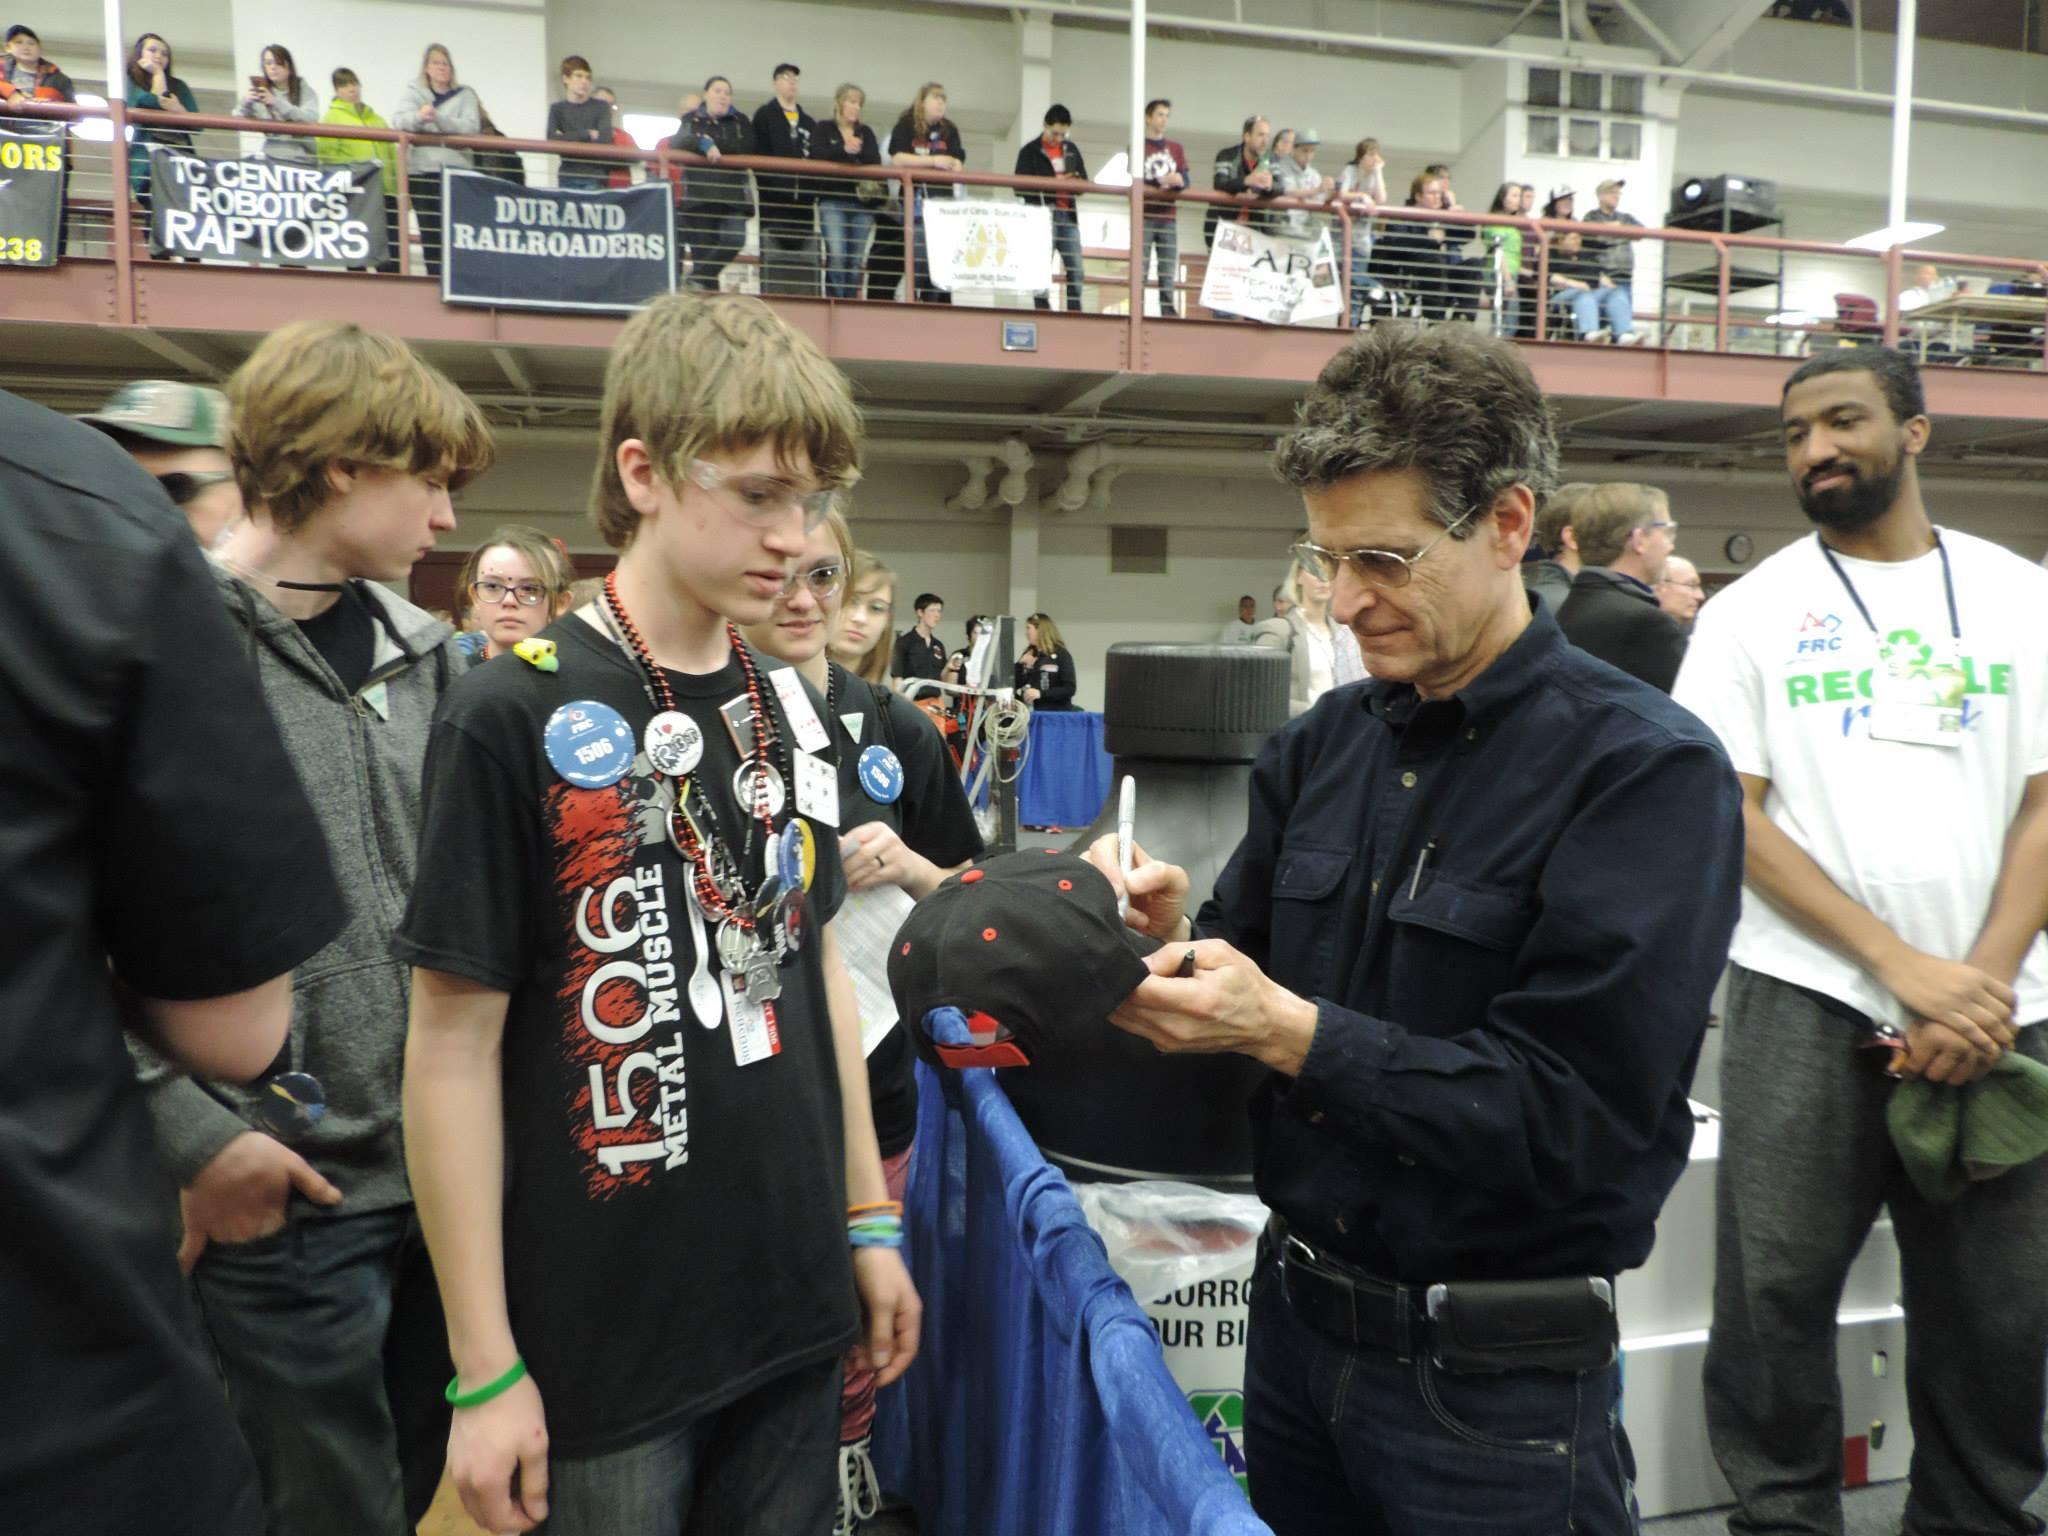 Meeting Dean Kamen